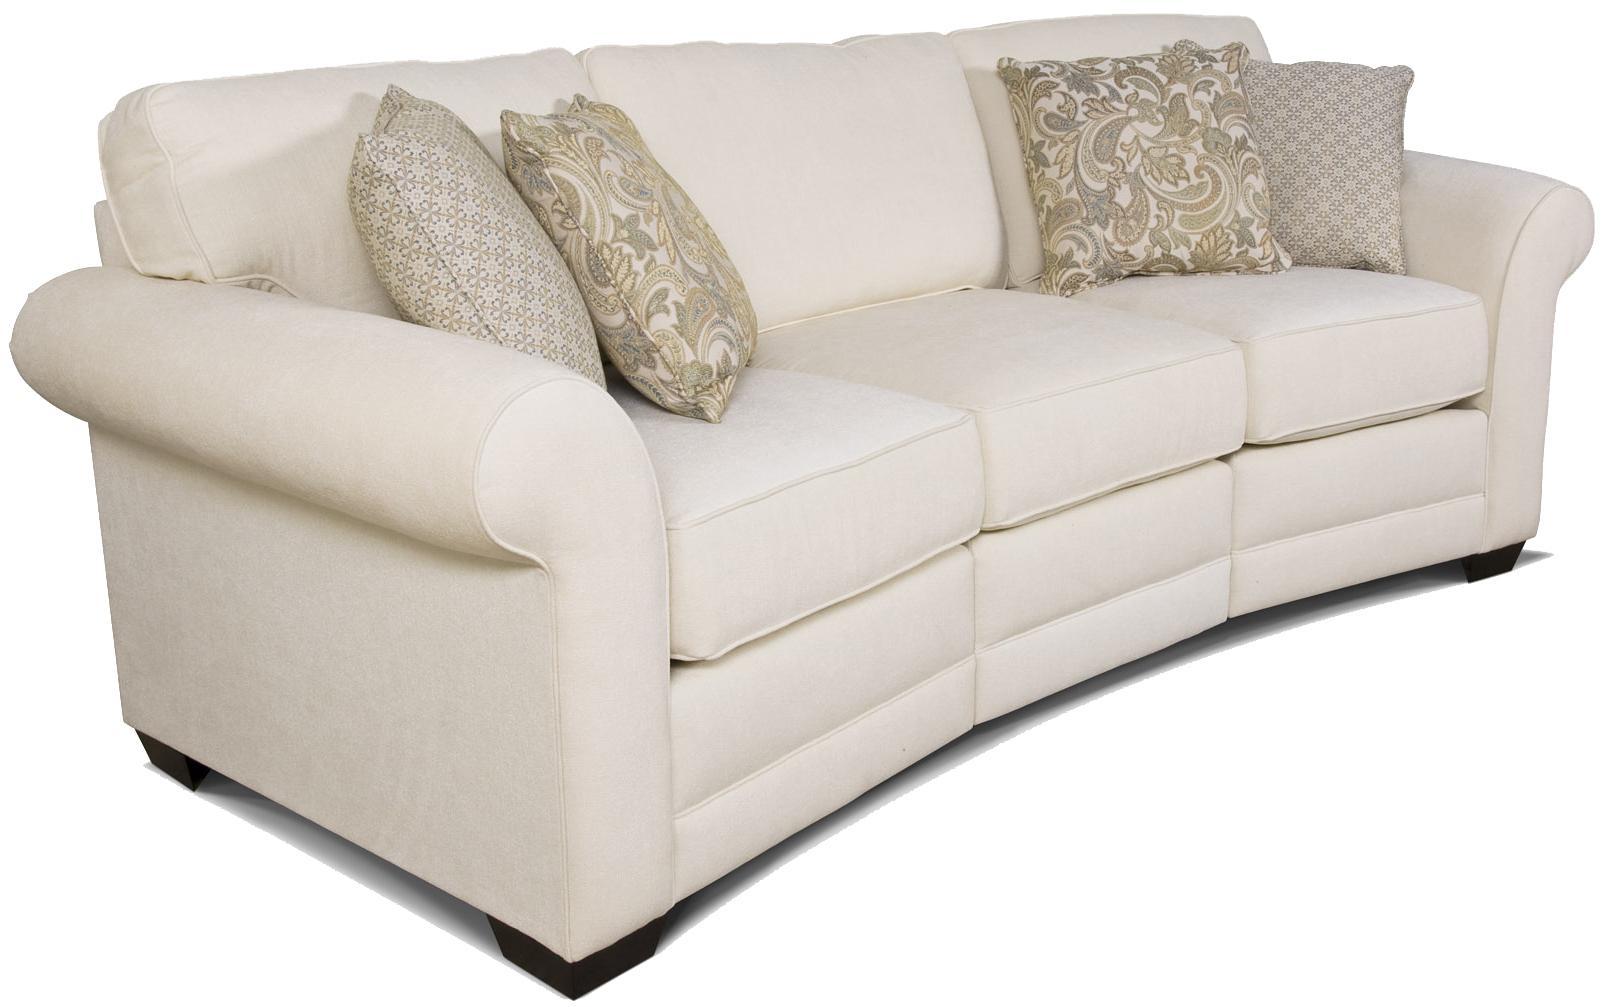 Merveilleux England BrantleyConversation Sofa; England BrantleyConversation Sofa